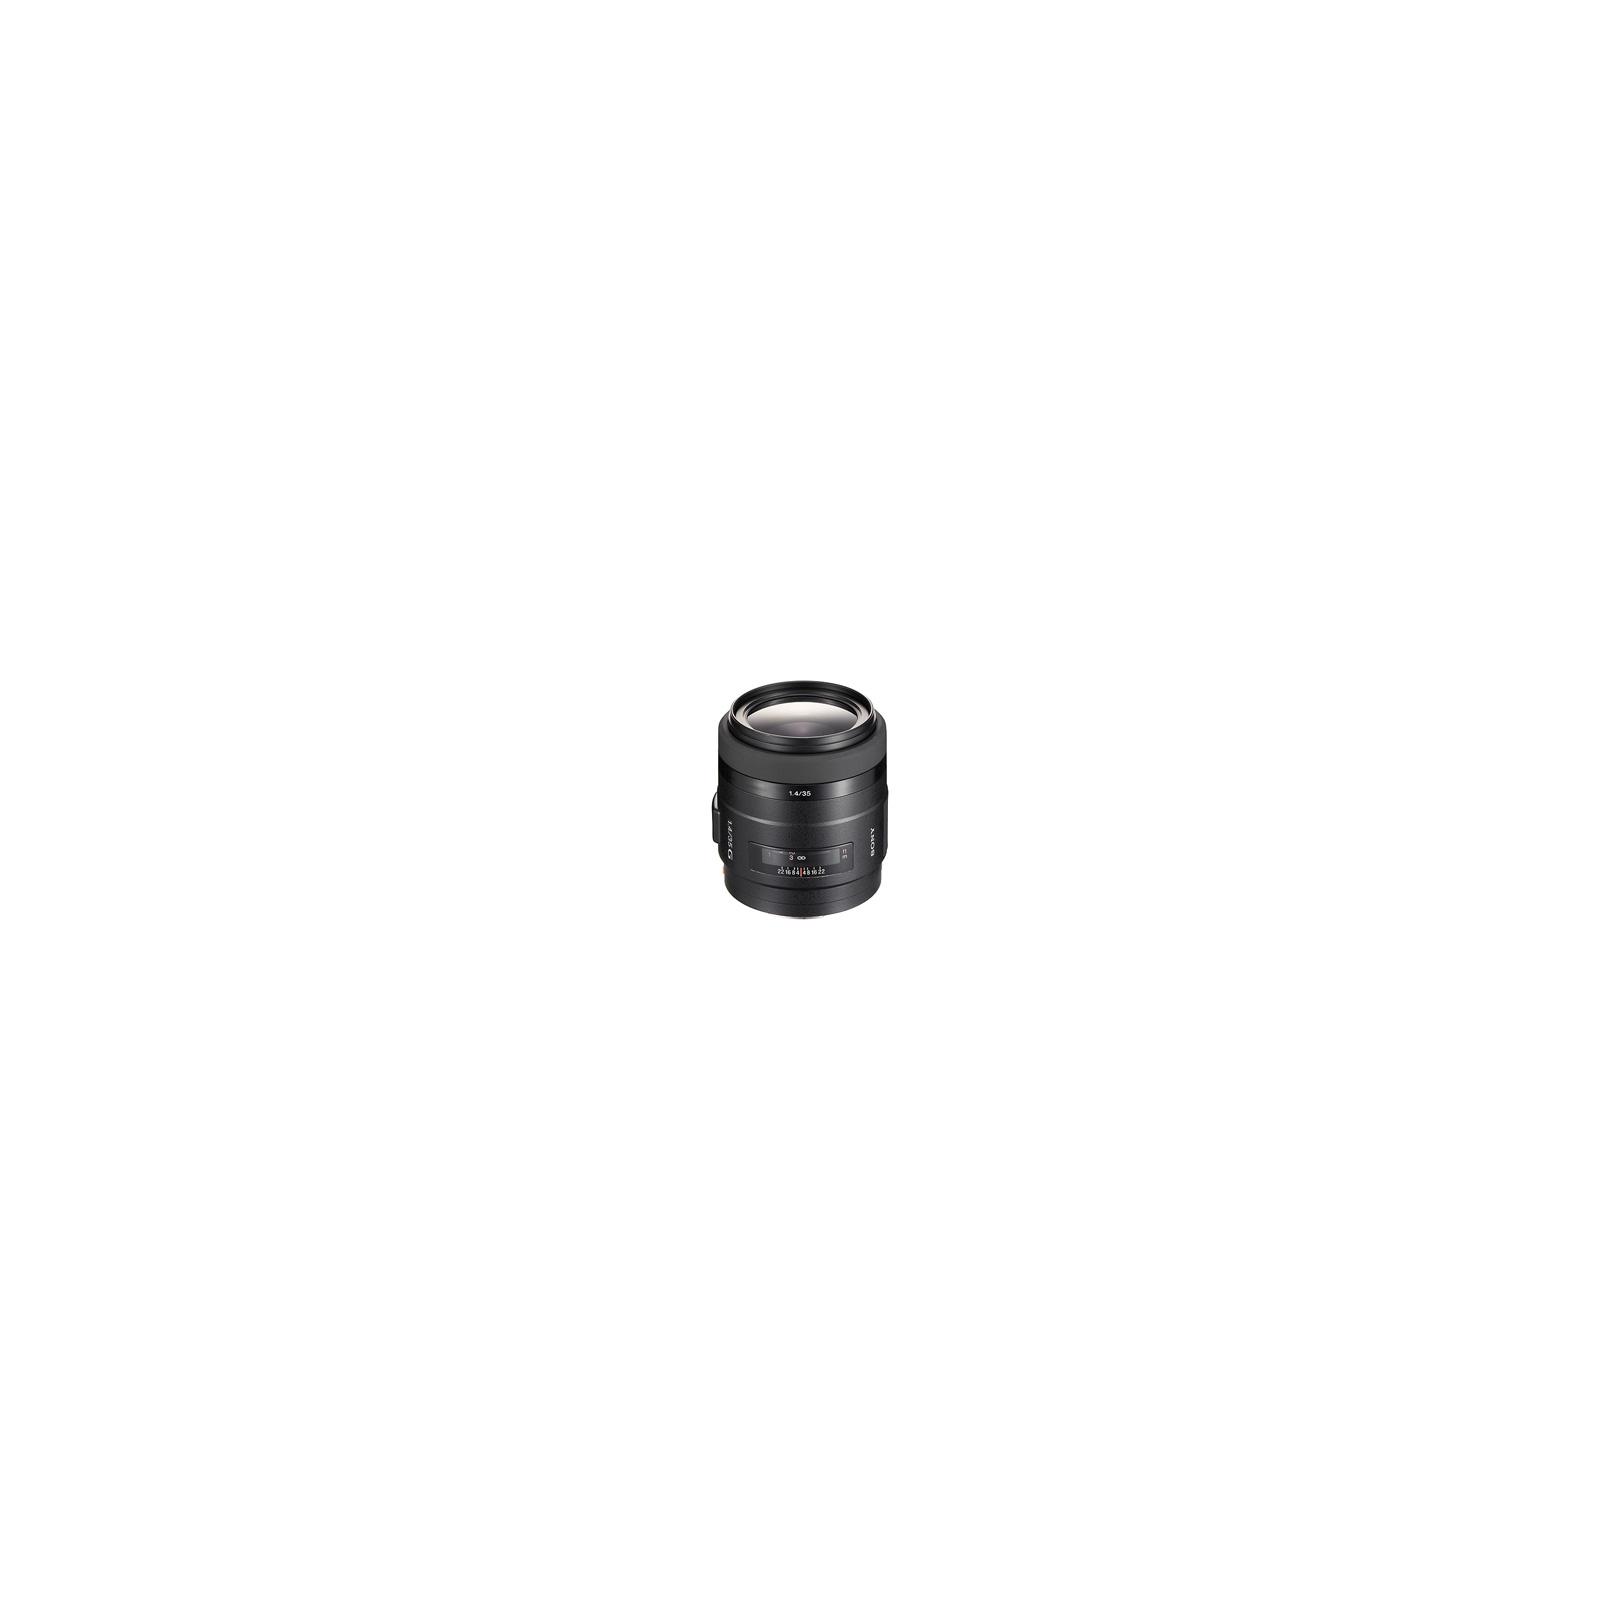 Объектив SONY 35mm f/1.4 G (SAL35F14G.AE)